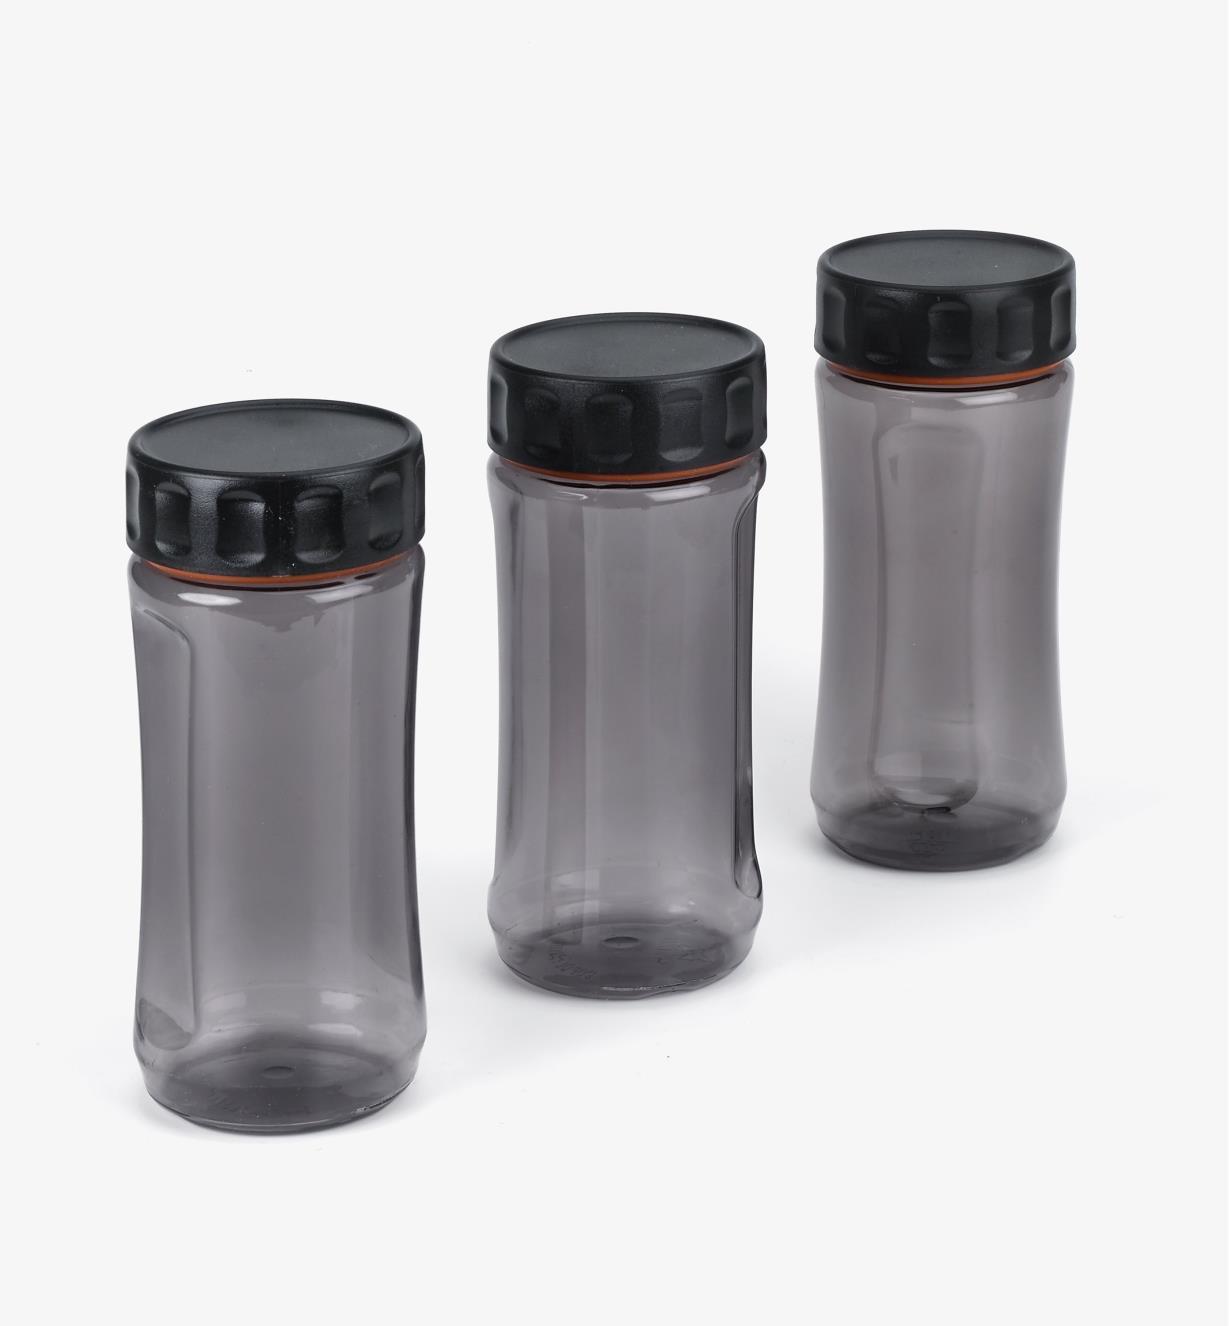 09A5361 - Lot de 3 bocaux Durajar 600 ml, gris